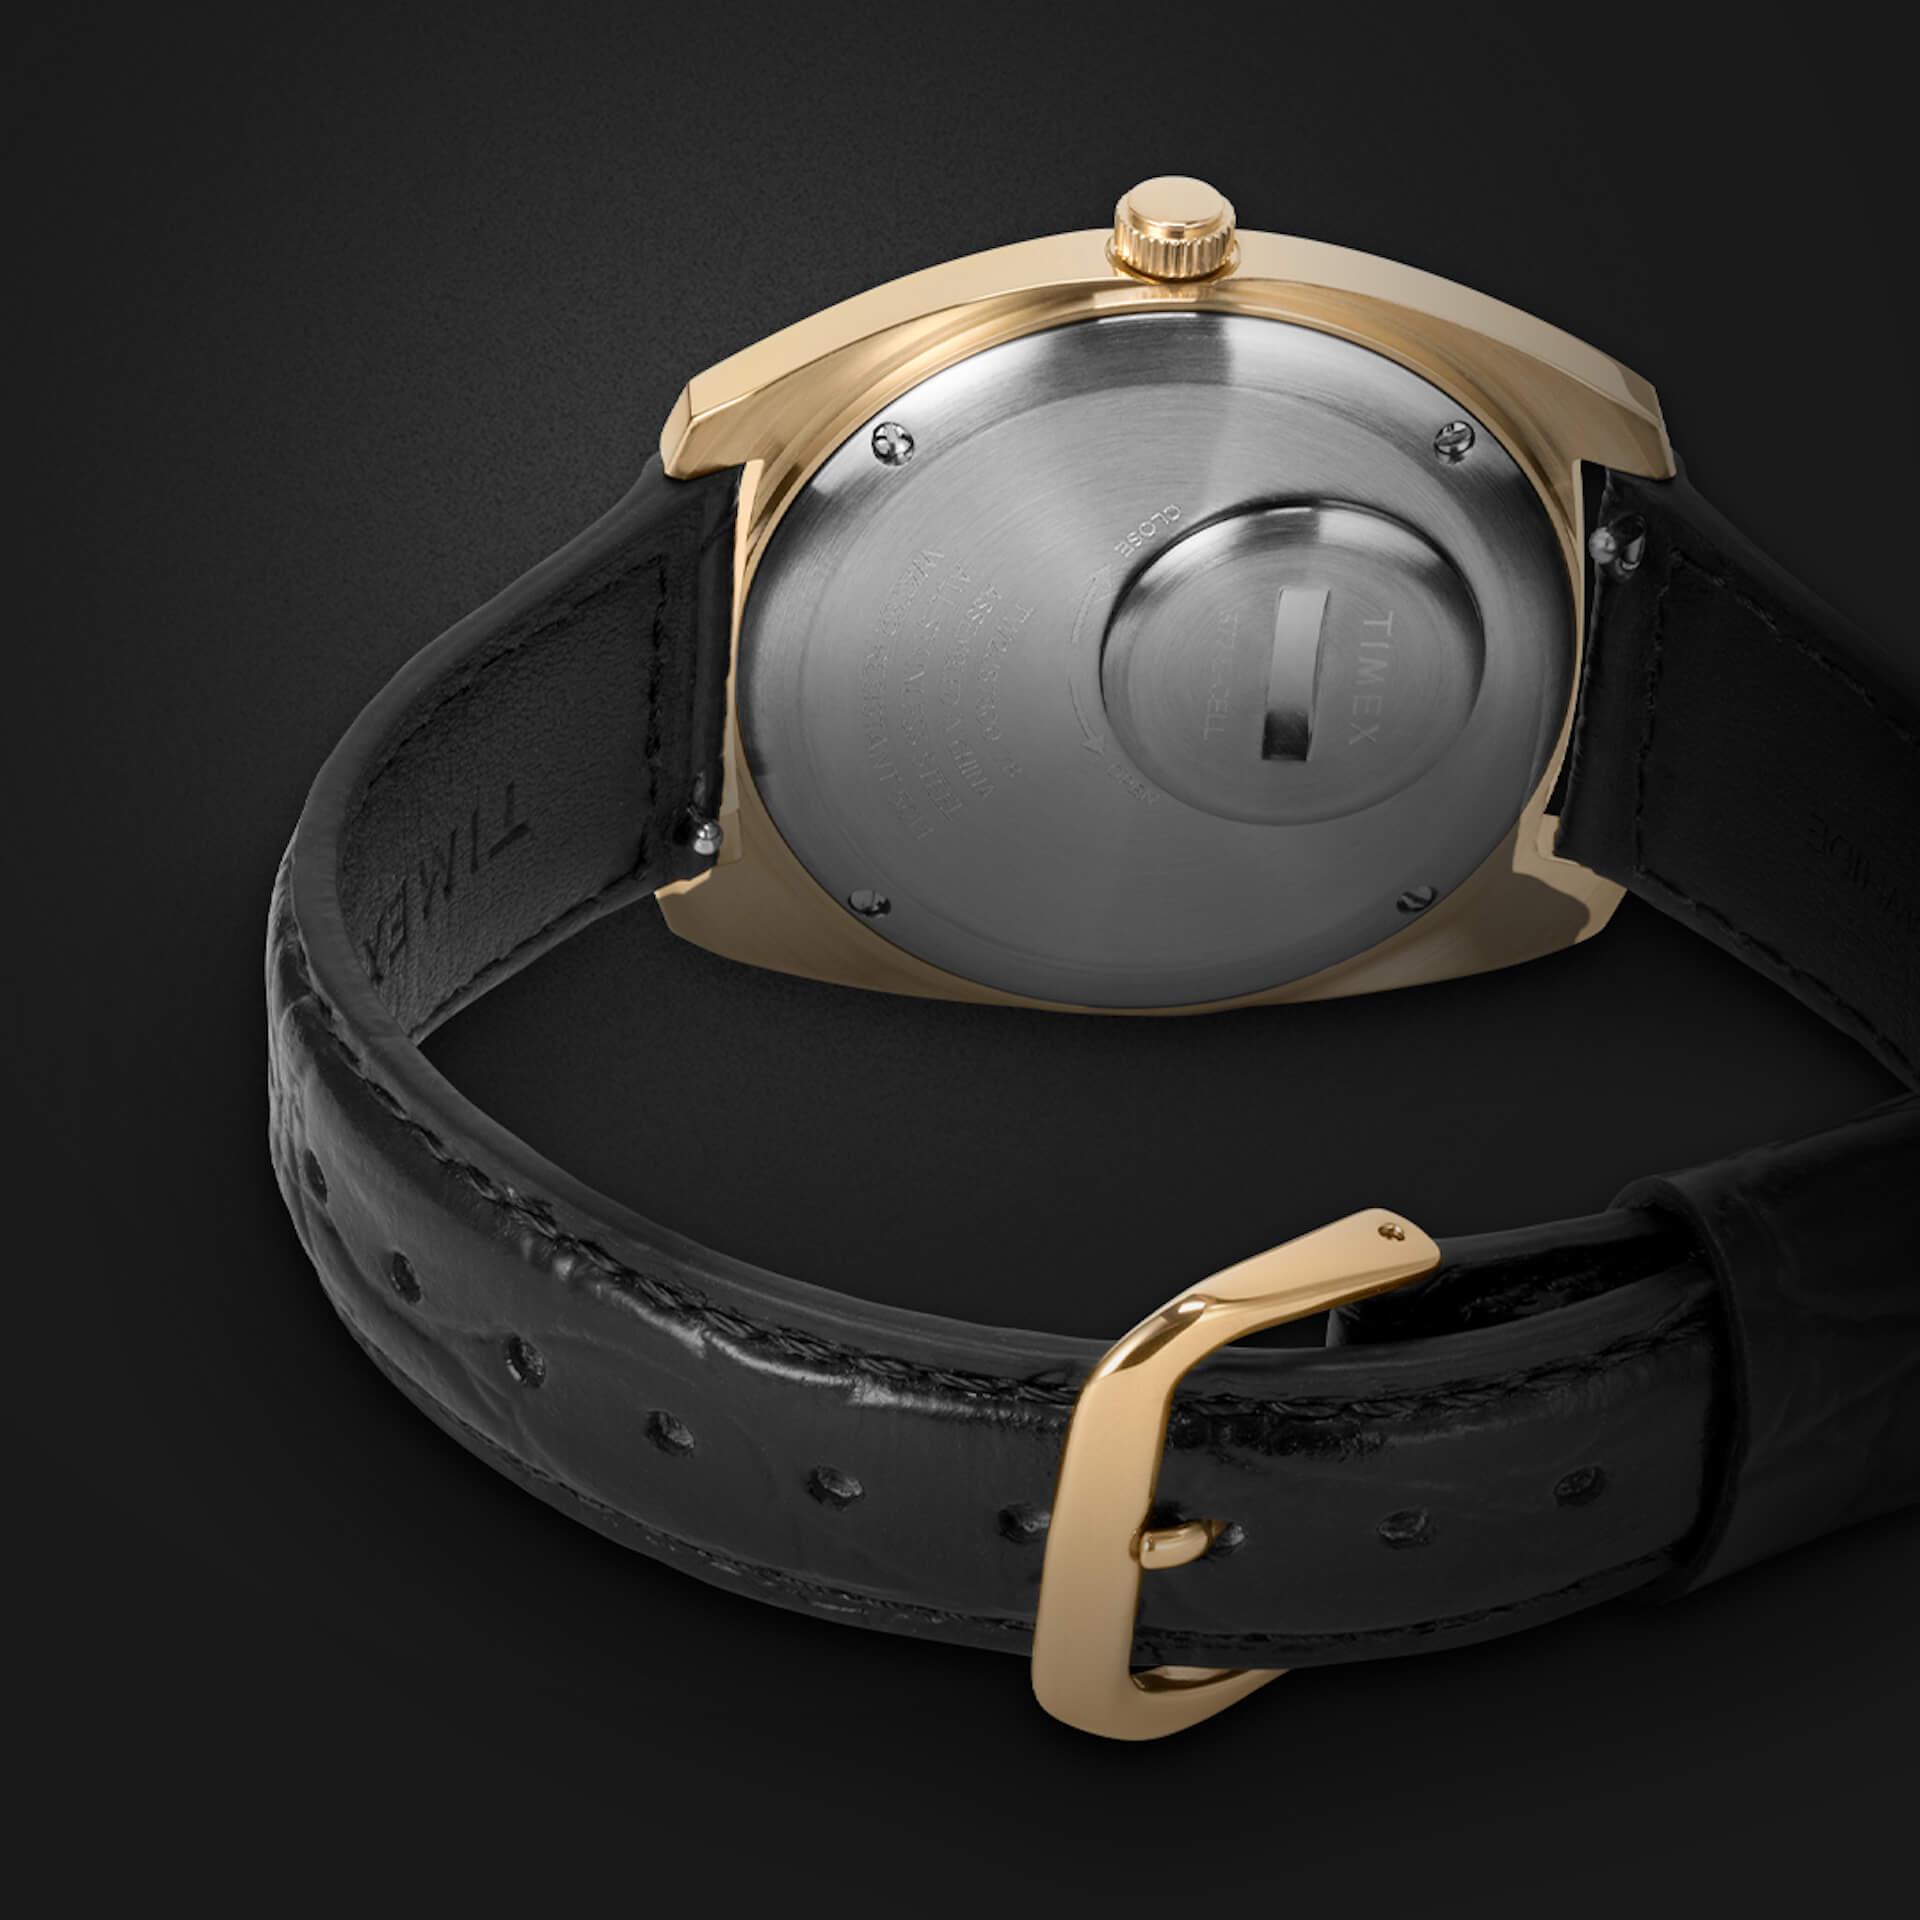 『Q TIMEX』を復刻したゴージャスなモデル『Marmont』が発売決定!本日予約受付開始 life210525_qtimex_4